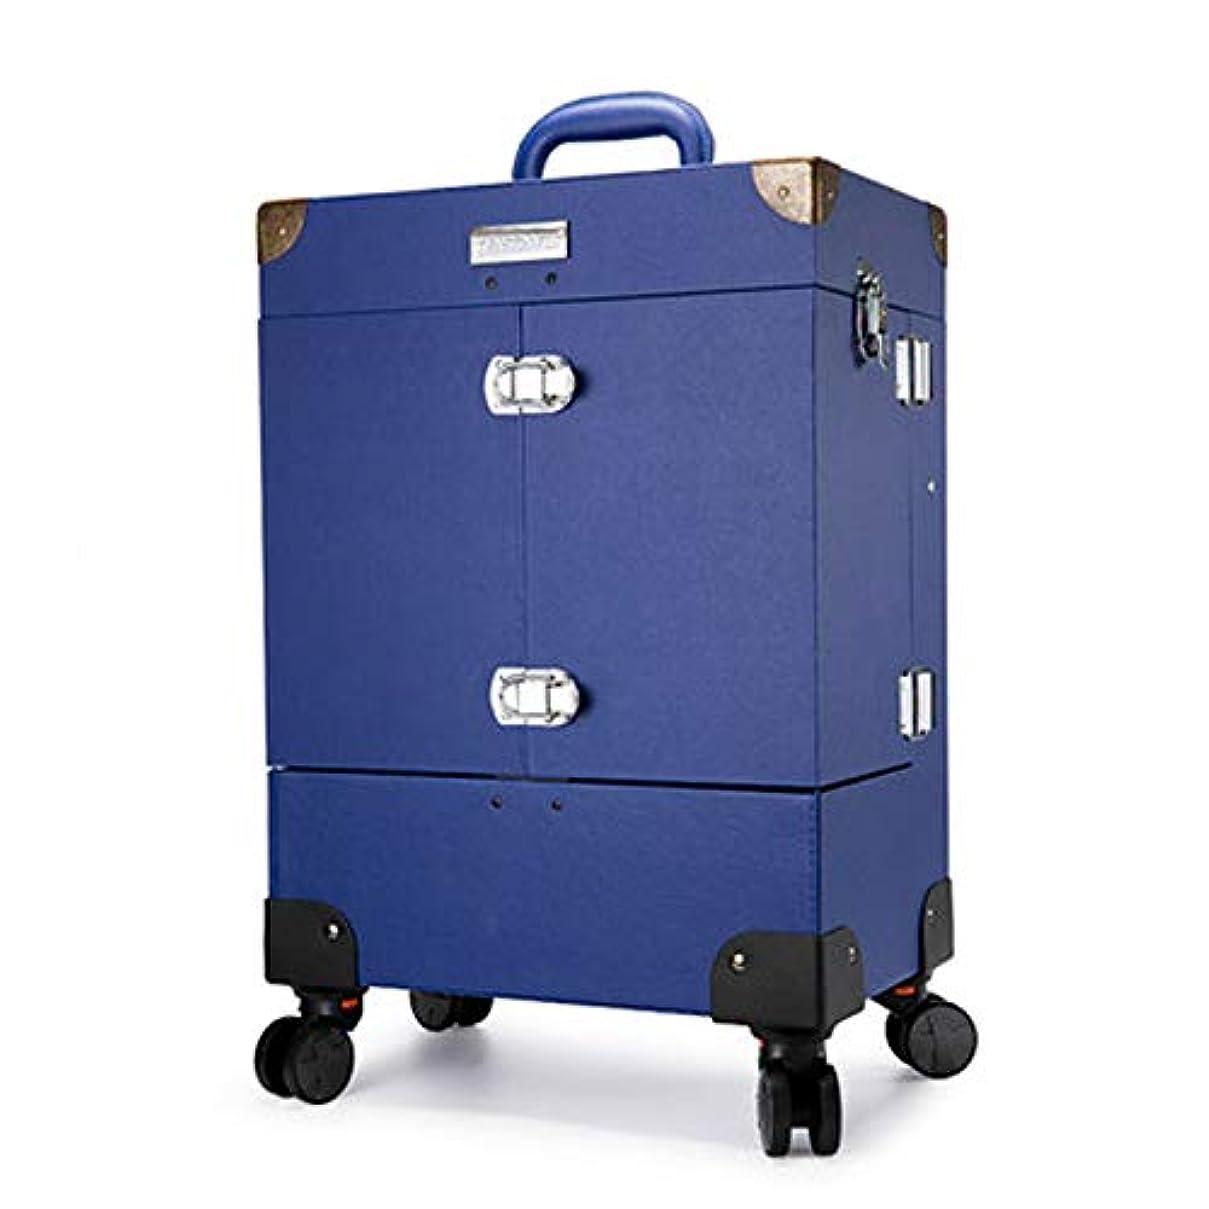 スライムわずらわしいますますプロ専用 ネイリスト クローゼット スーツケース ネイル収納 メイクボックス キャリーバッグ ヘアメイク ネイル 大容量 軽量 高品質 多機能 プロ I-JL-3505T-BL